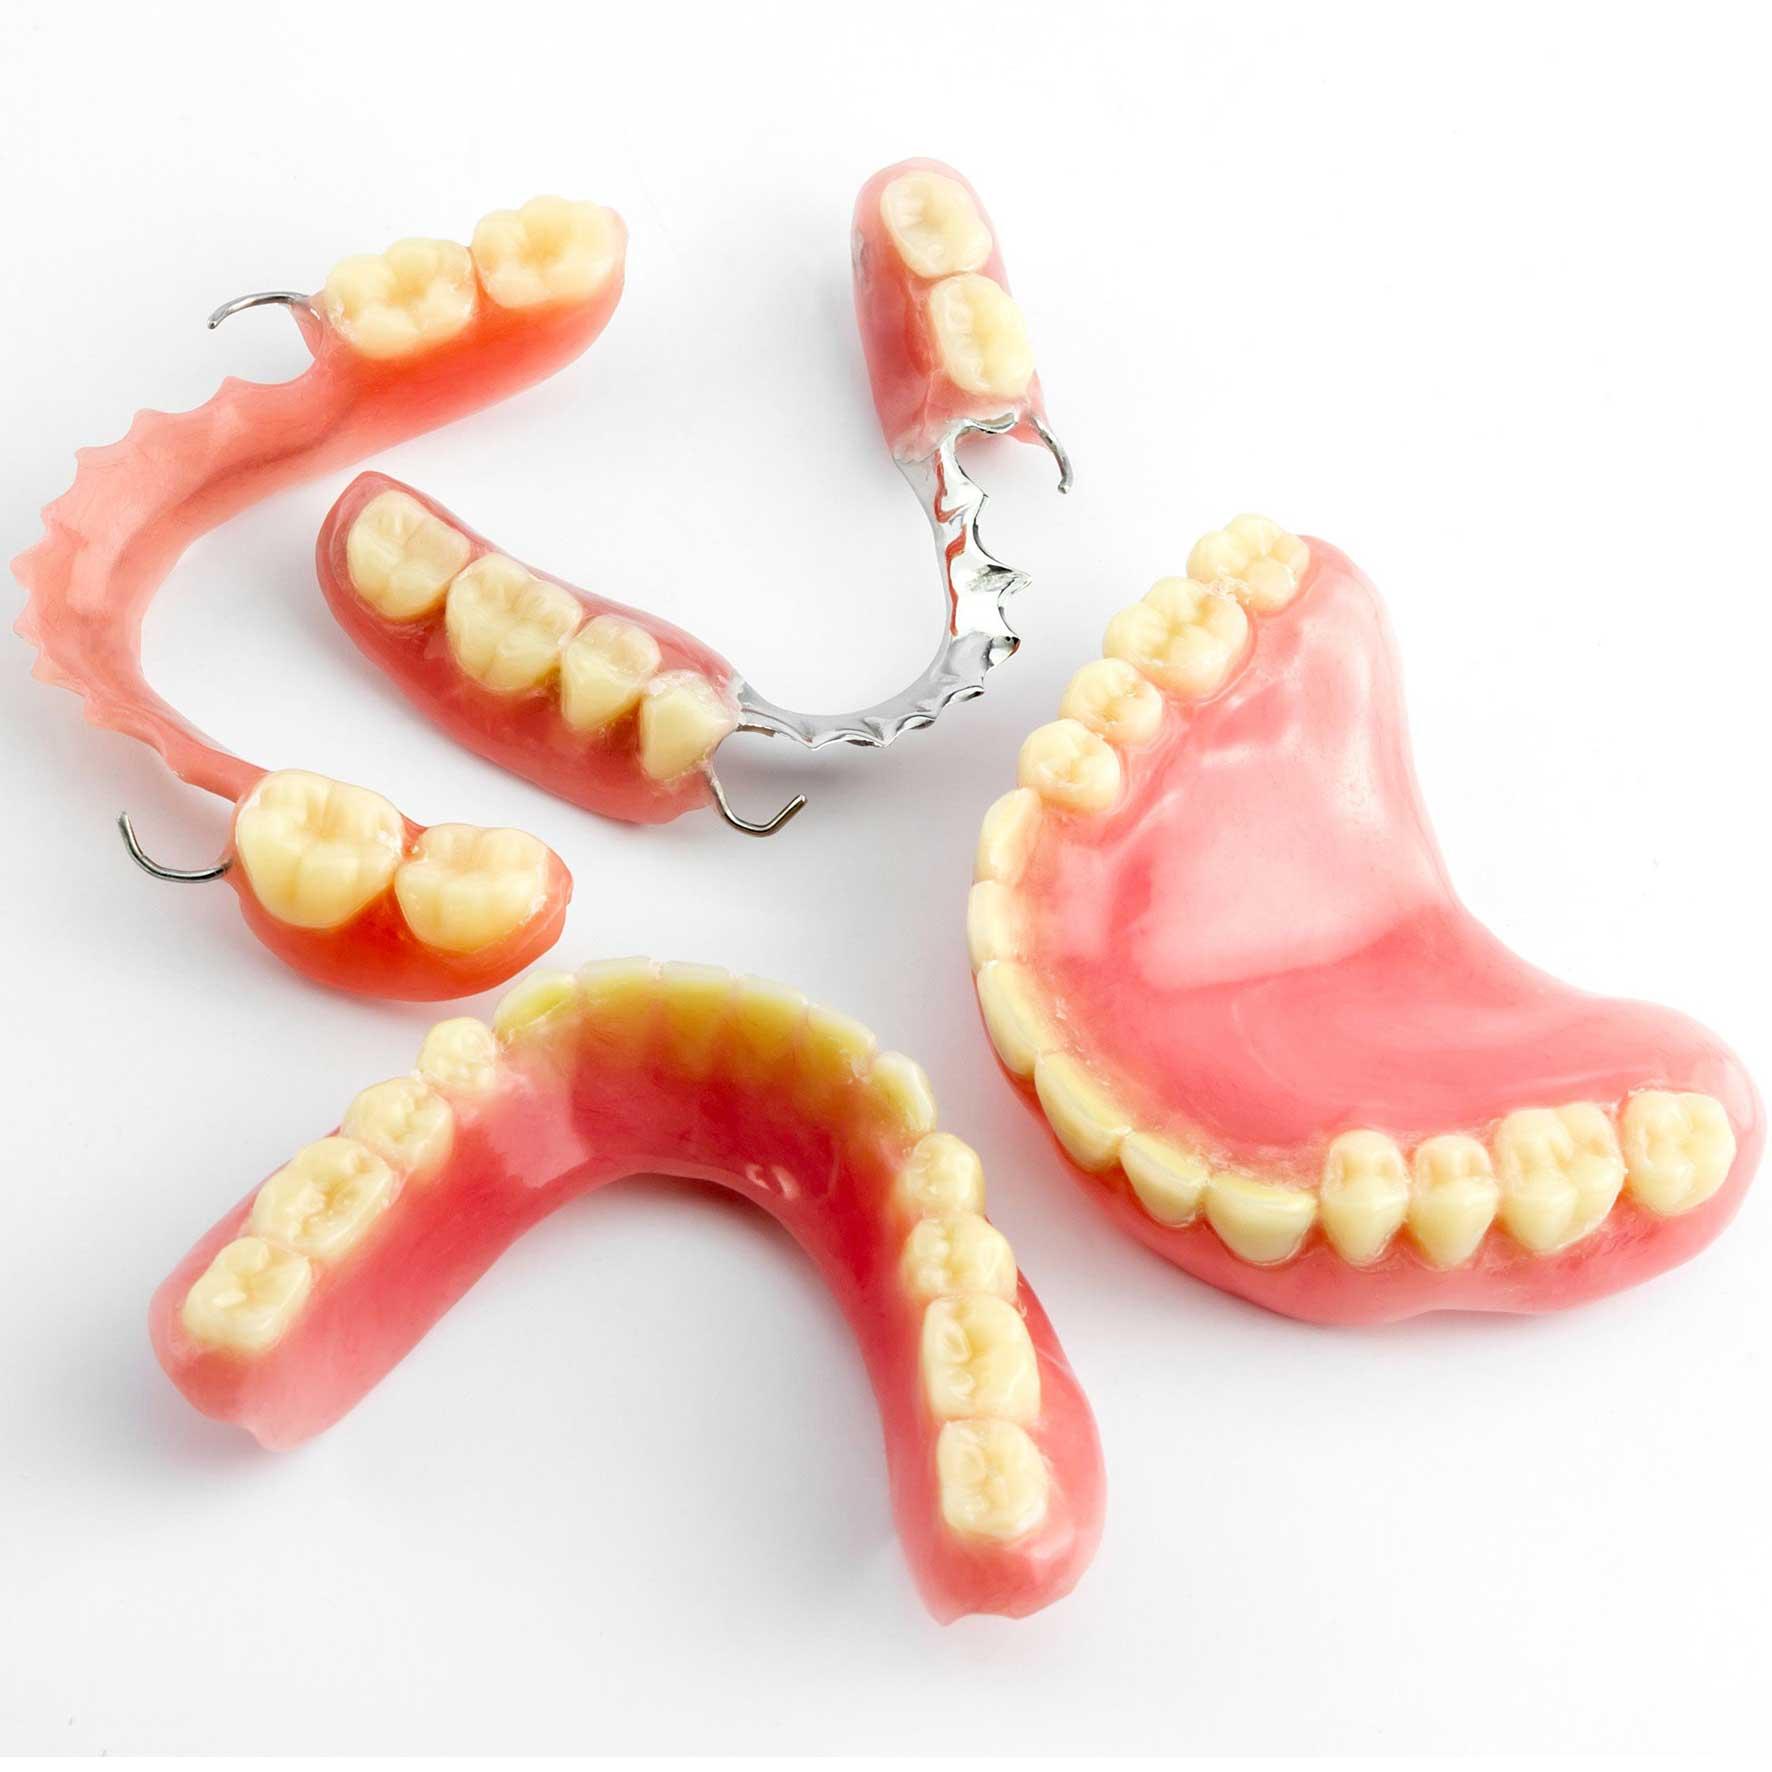 Несъемные зубные протезы: виды, цены, фото